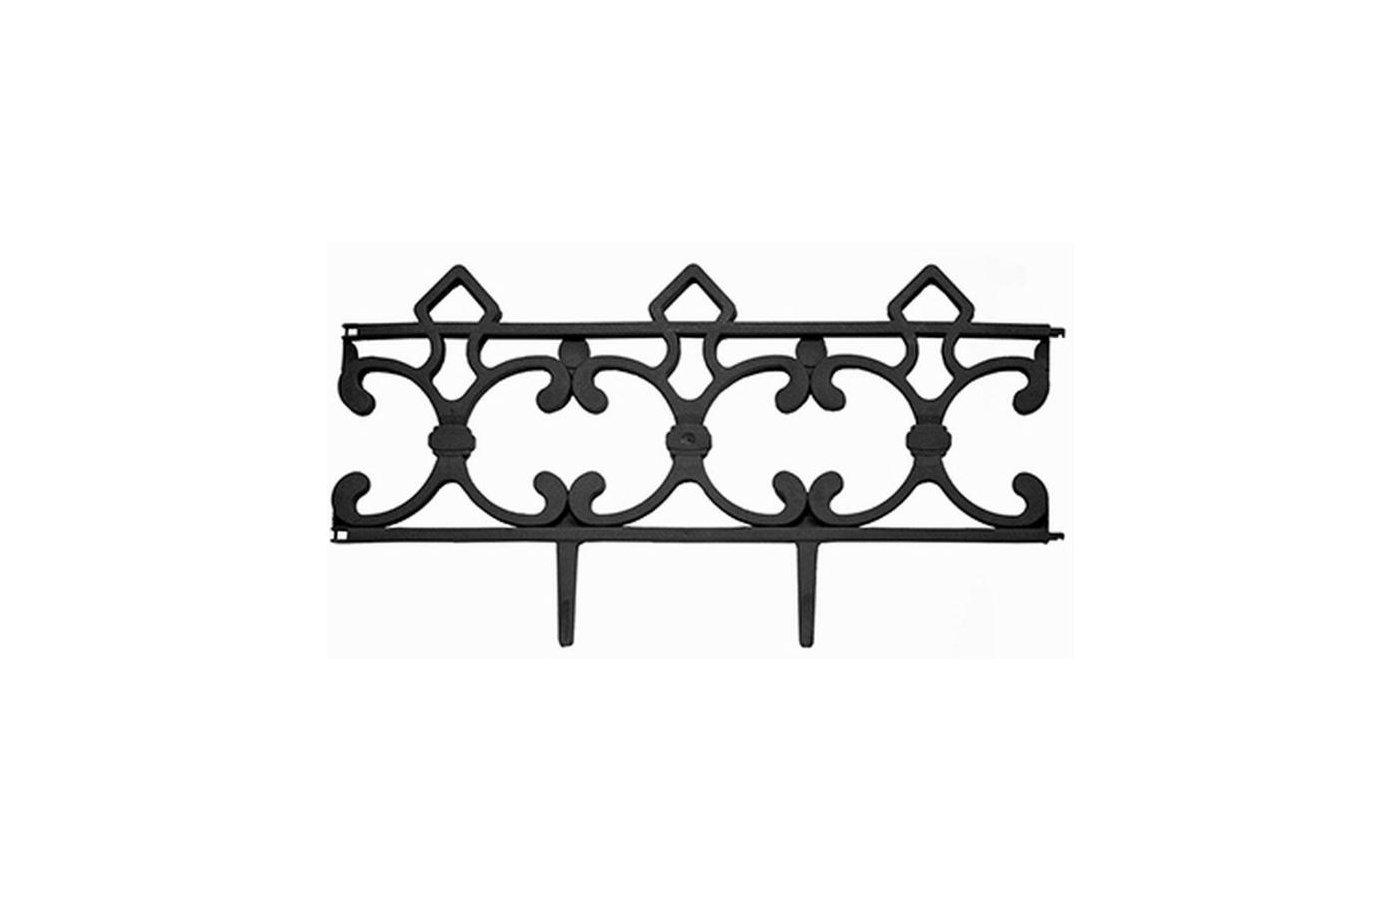 Инвентарь 172-023 Заборчик декоративный Парковый (5 секций) 58x6x31см